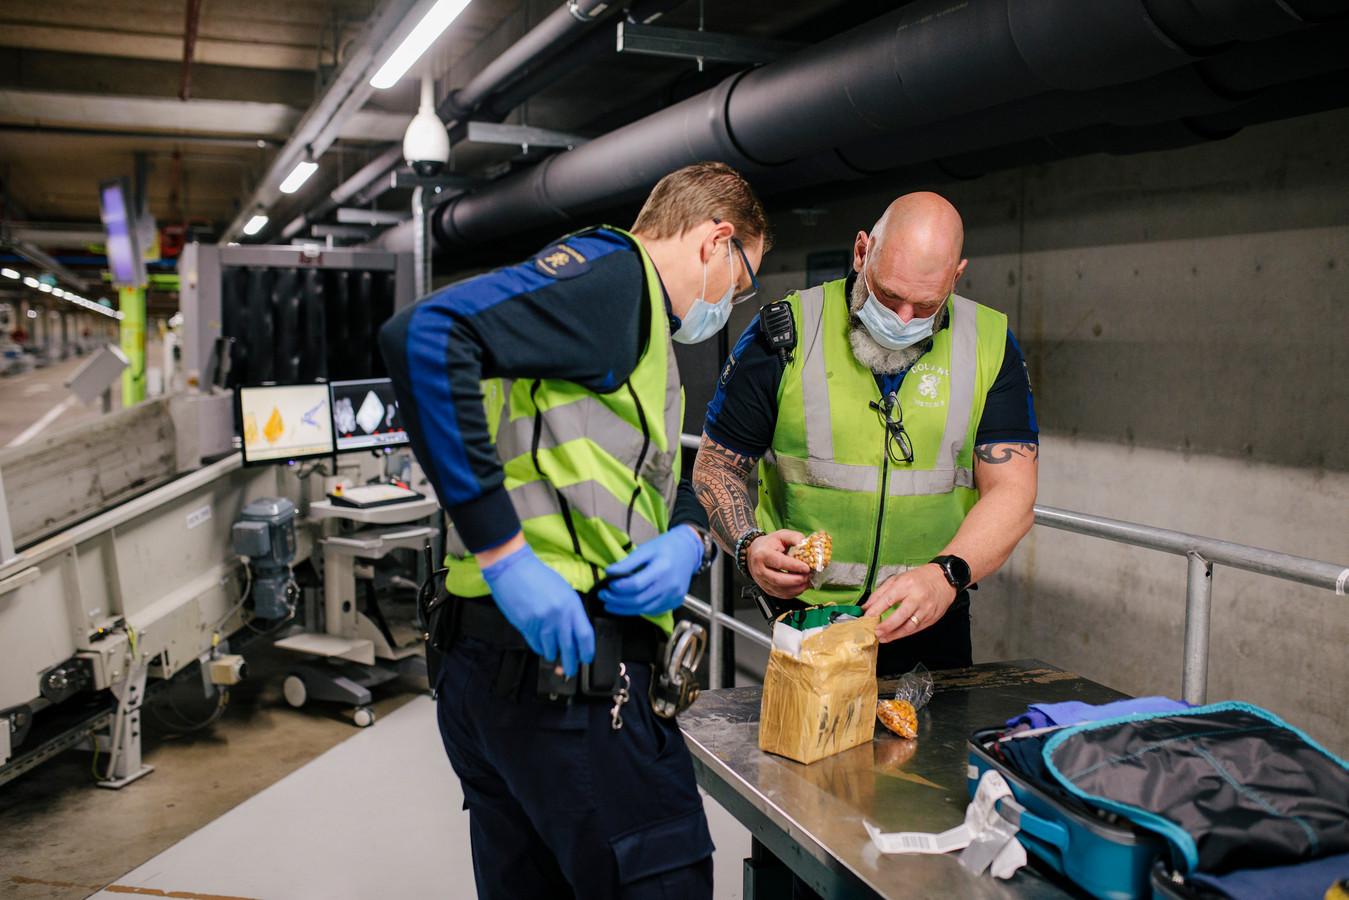 Douaniers inspecteren een pakketje.